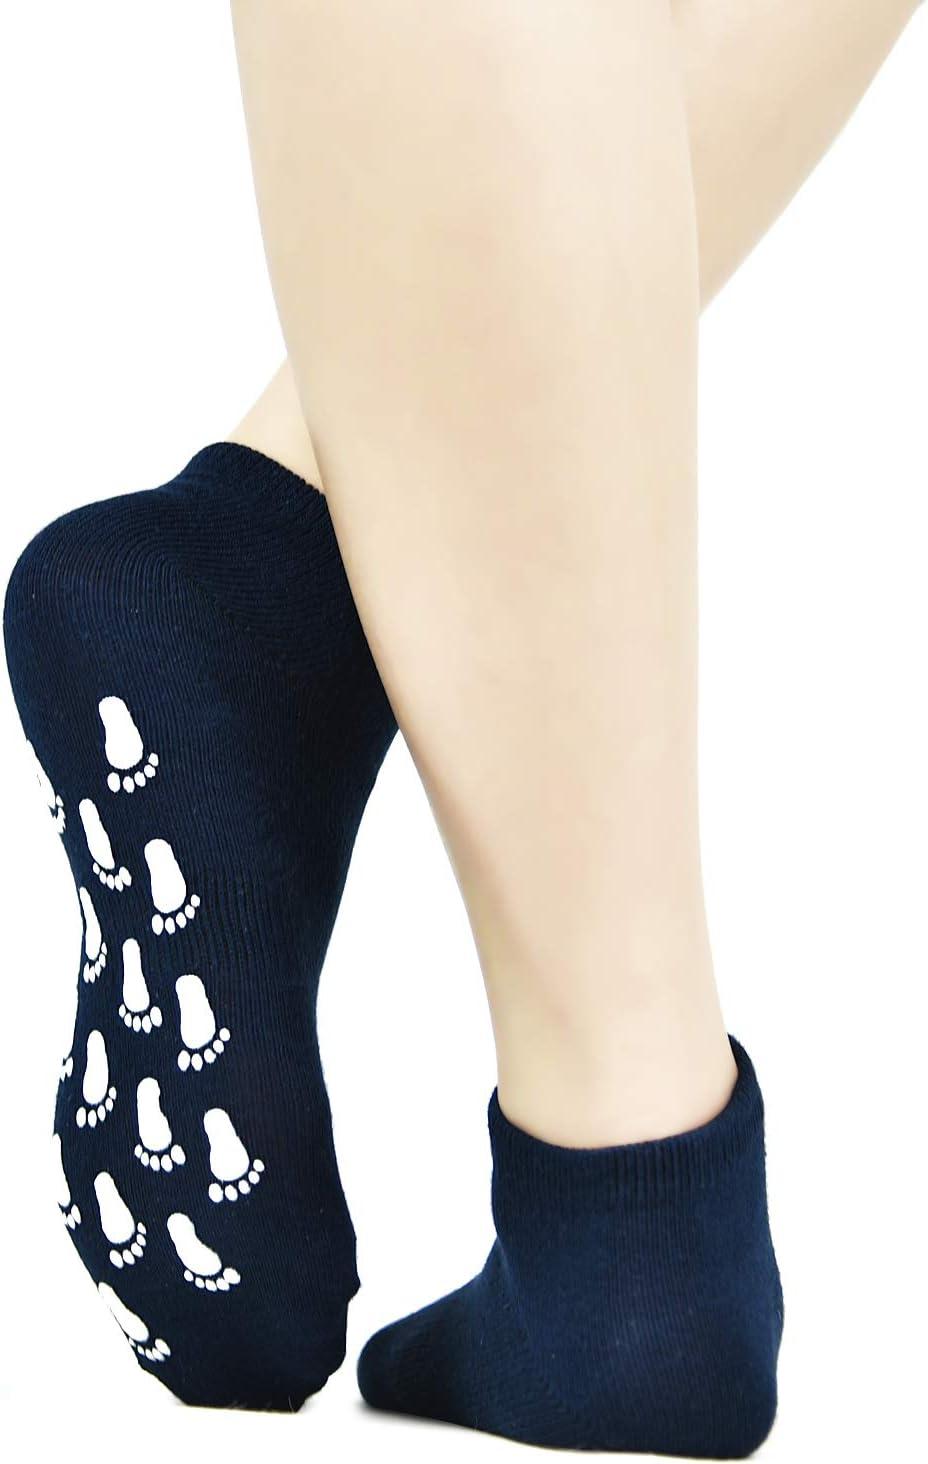 HYCLES Grippers Pilates Barre Sticky Socks Yoga Grips Ballet Non Slip Socks For Women//Girls